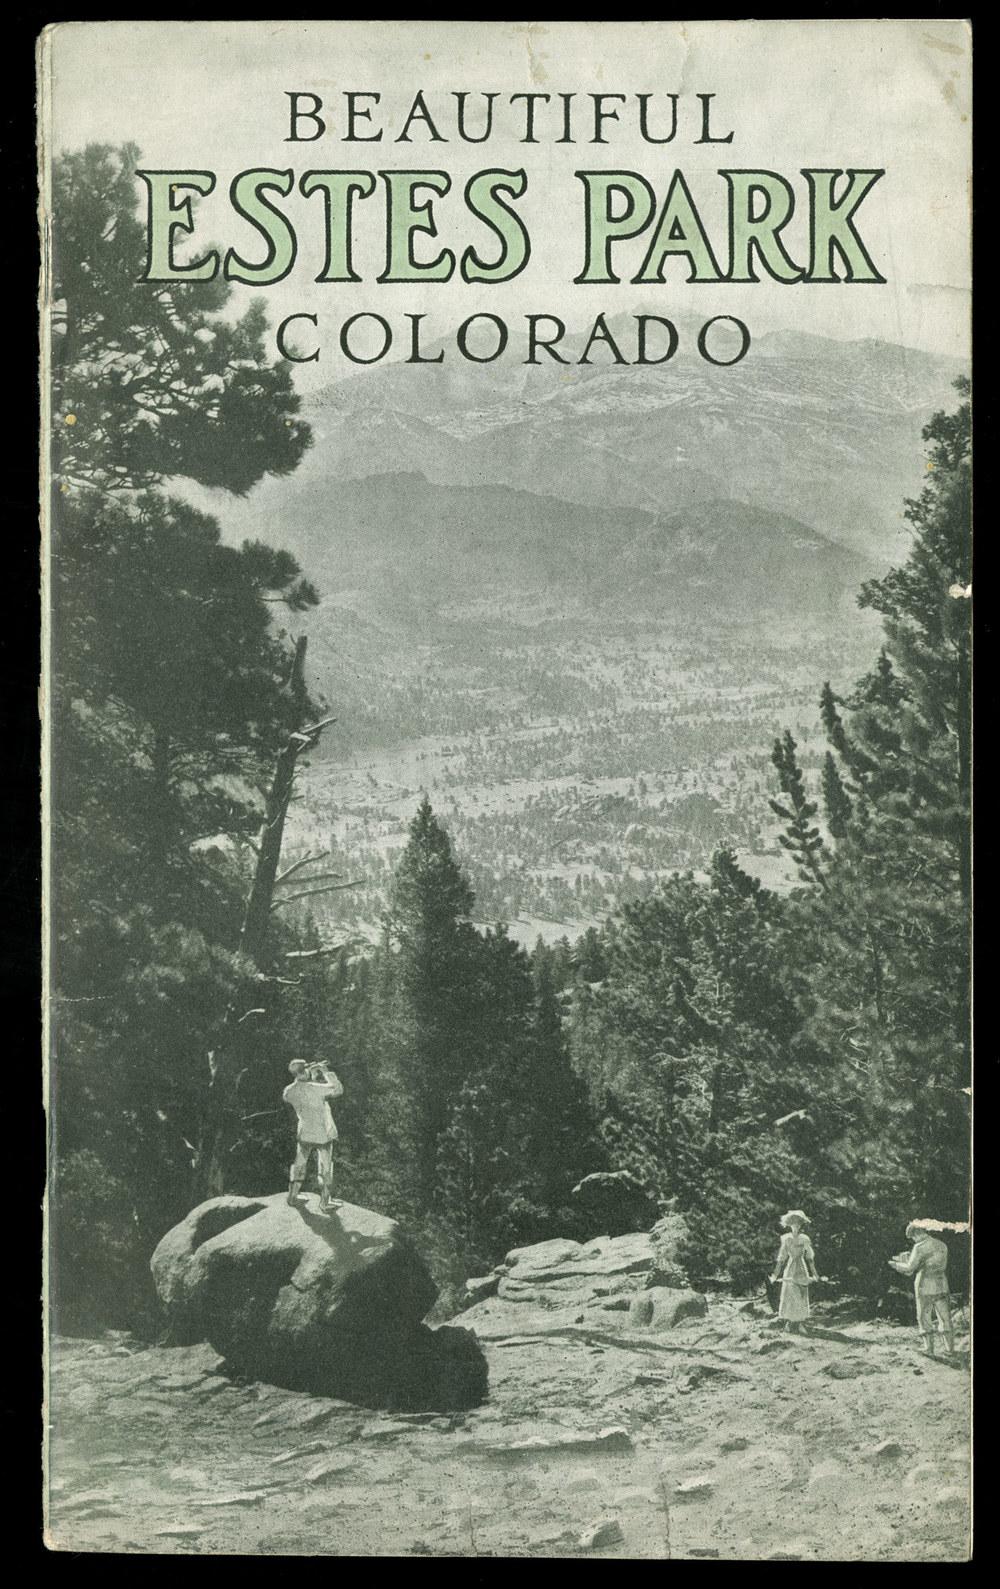 1915 brochure